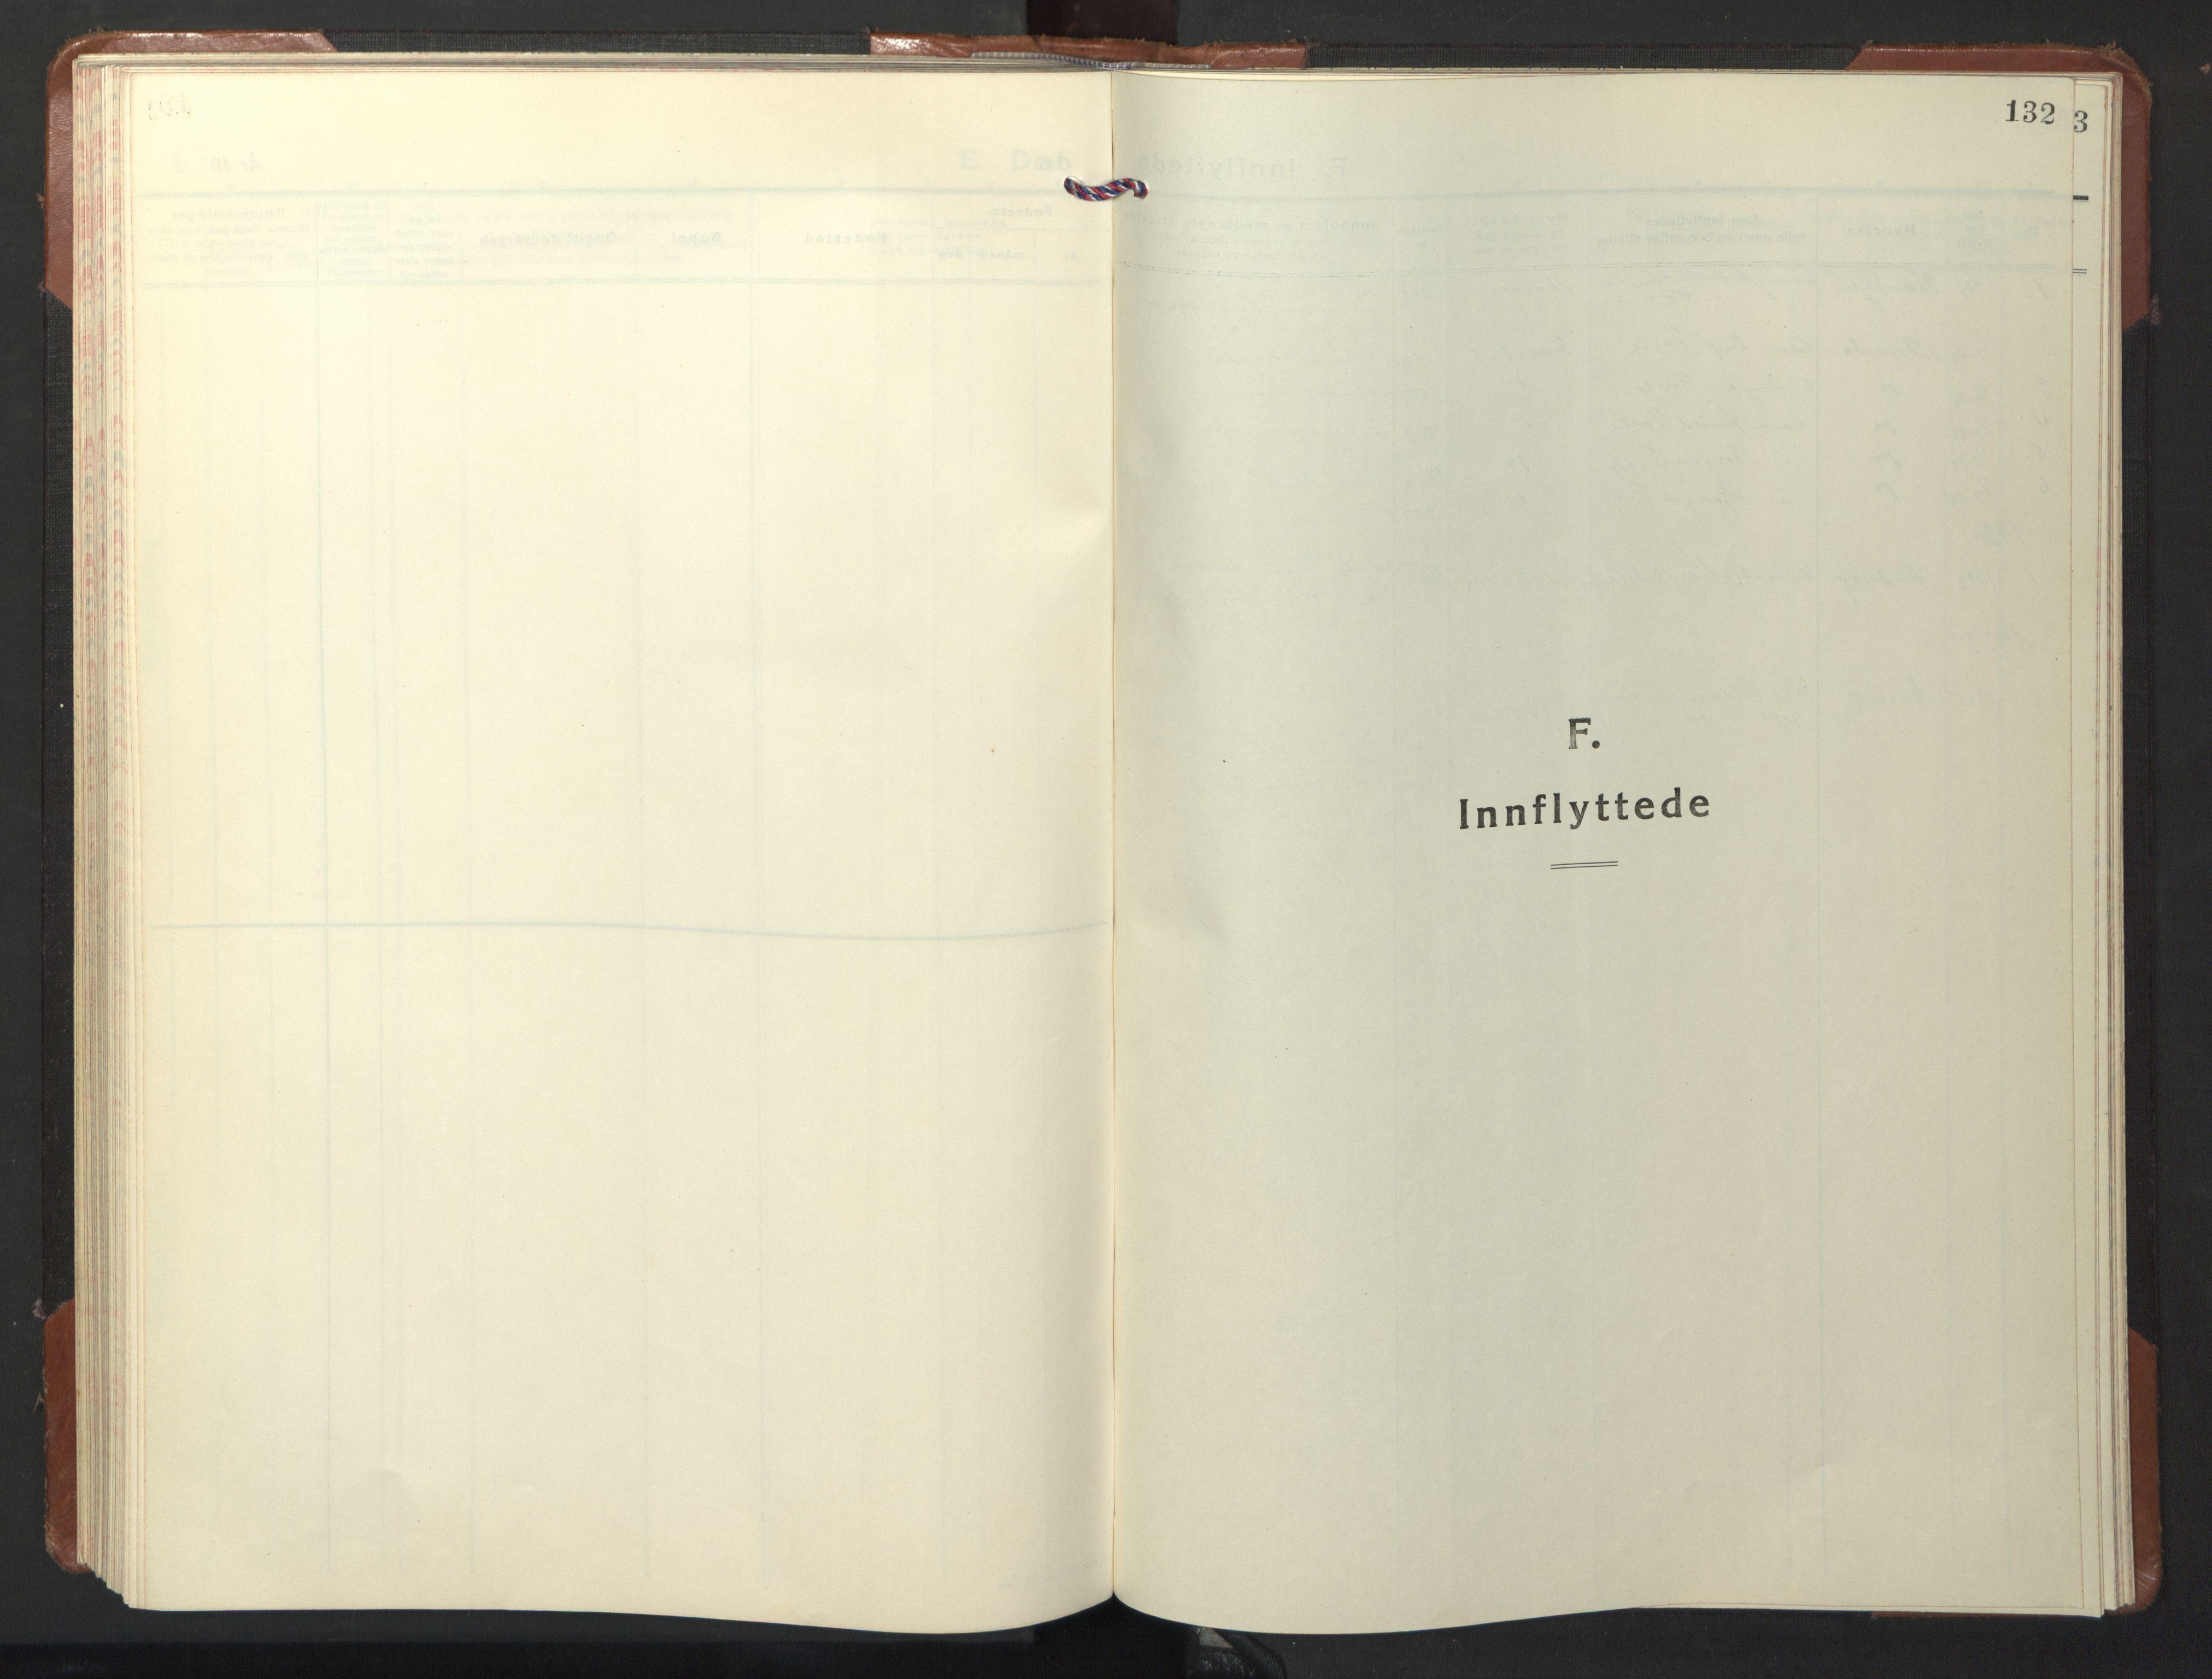 SAT, Ministerialprotokoller, klokkerbøker og fødselsregistre - Nord-Trøndelag, 722/L0227: Klokkerbok nr. 722C03, 1928-1958, s. 132